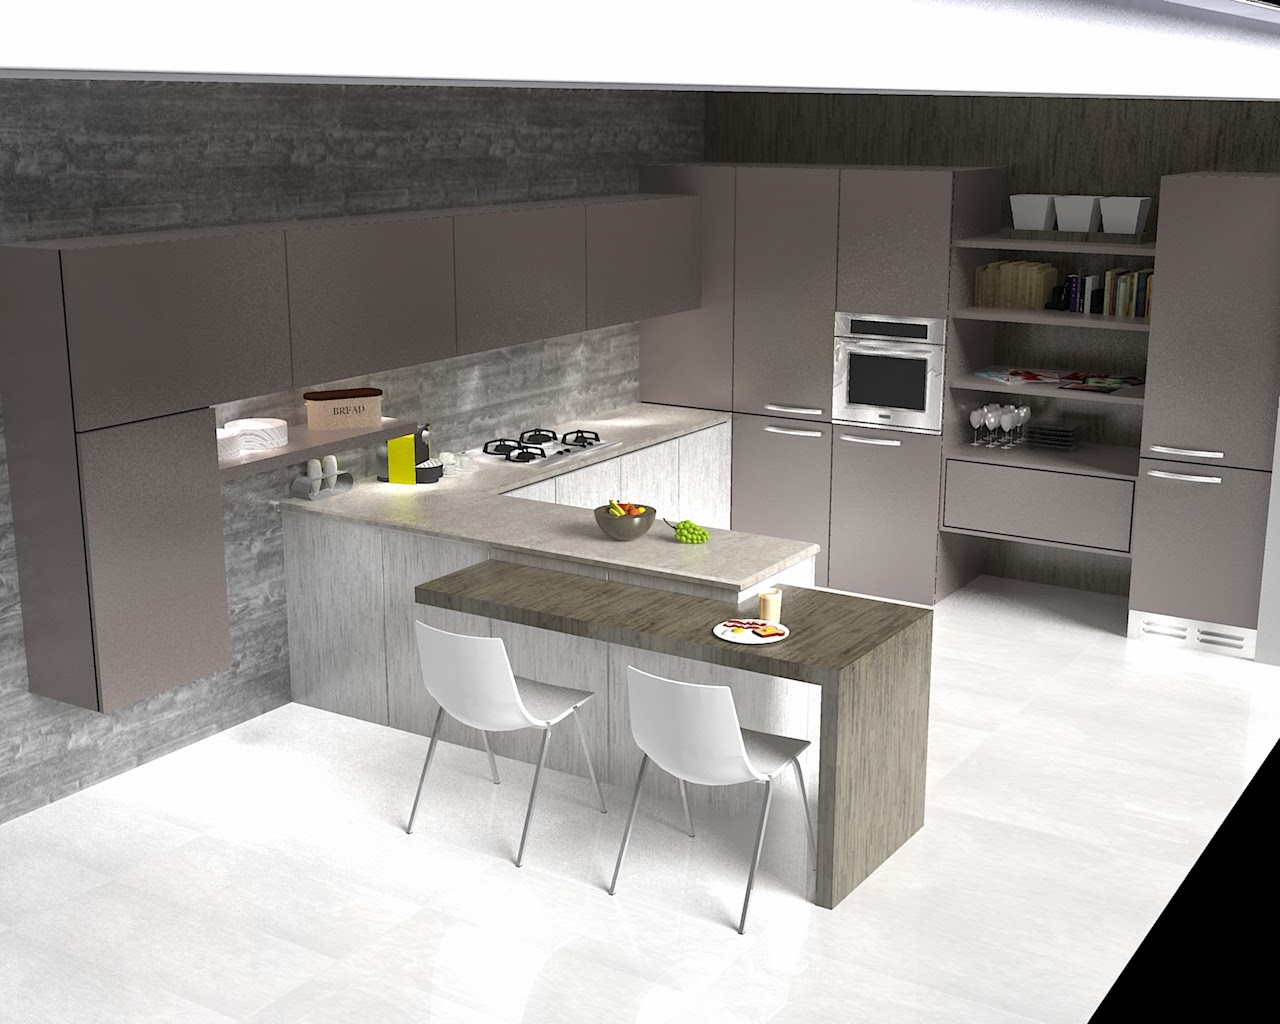 Simo galleria dei vostri lavori cucina moderna - Creare in cucina d ...